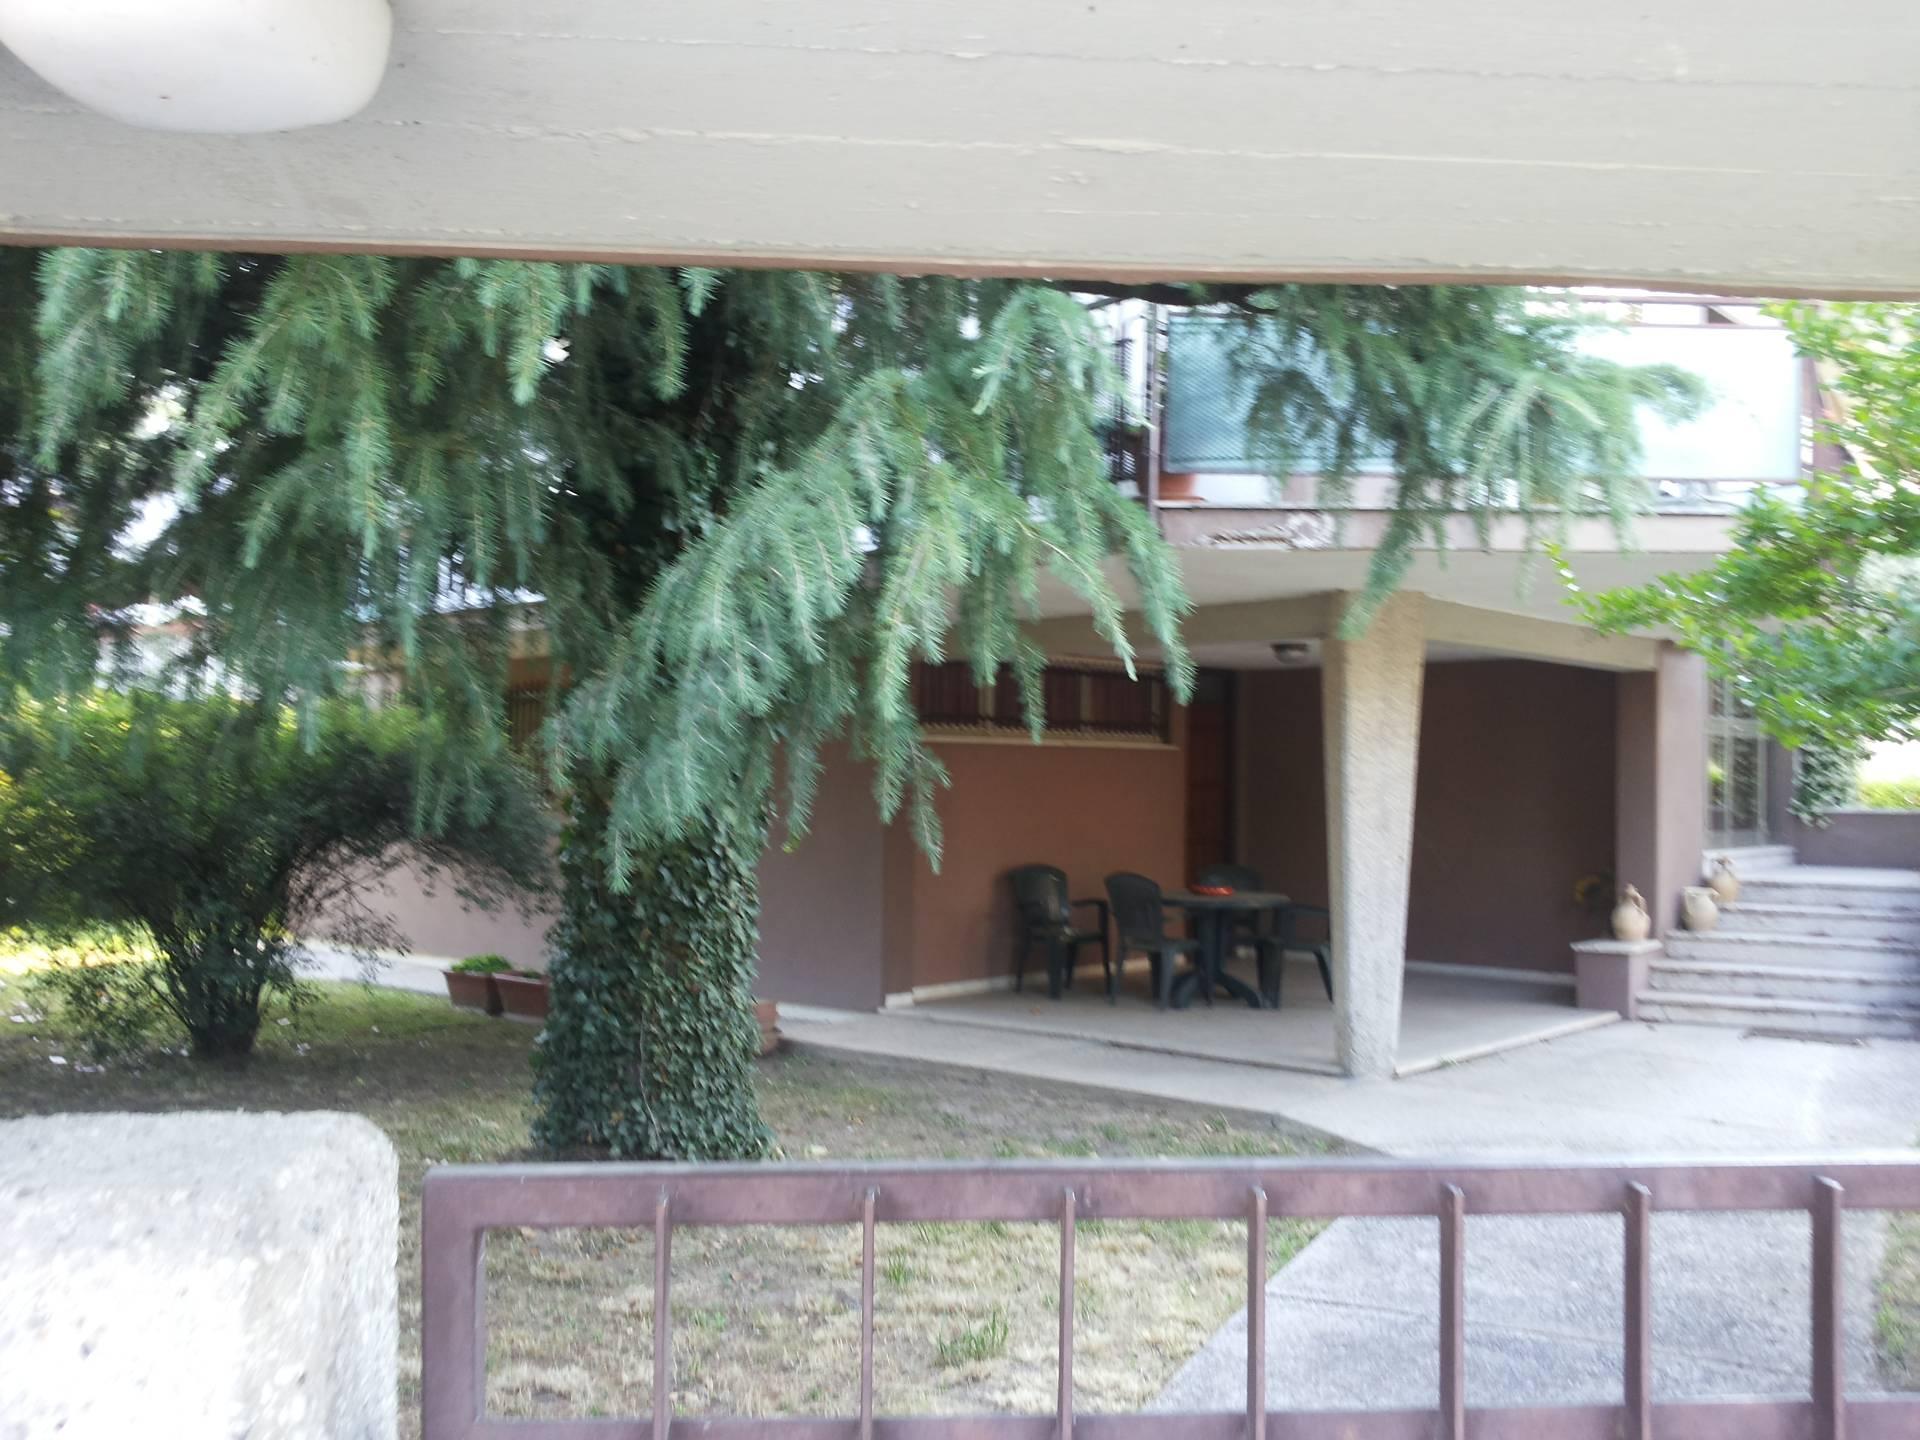 Villa in vendita a Treviso, 6 locali, zona Località: S.Angelo, prezzo € 330.000 | CambioCasa.it